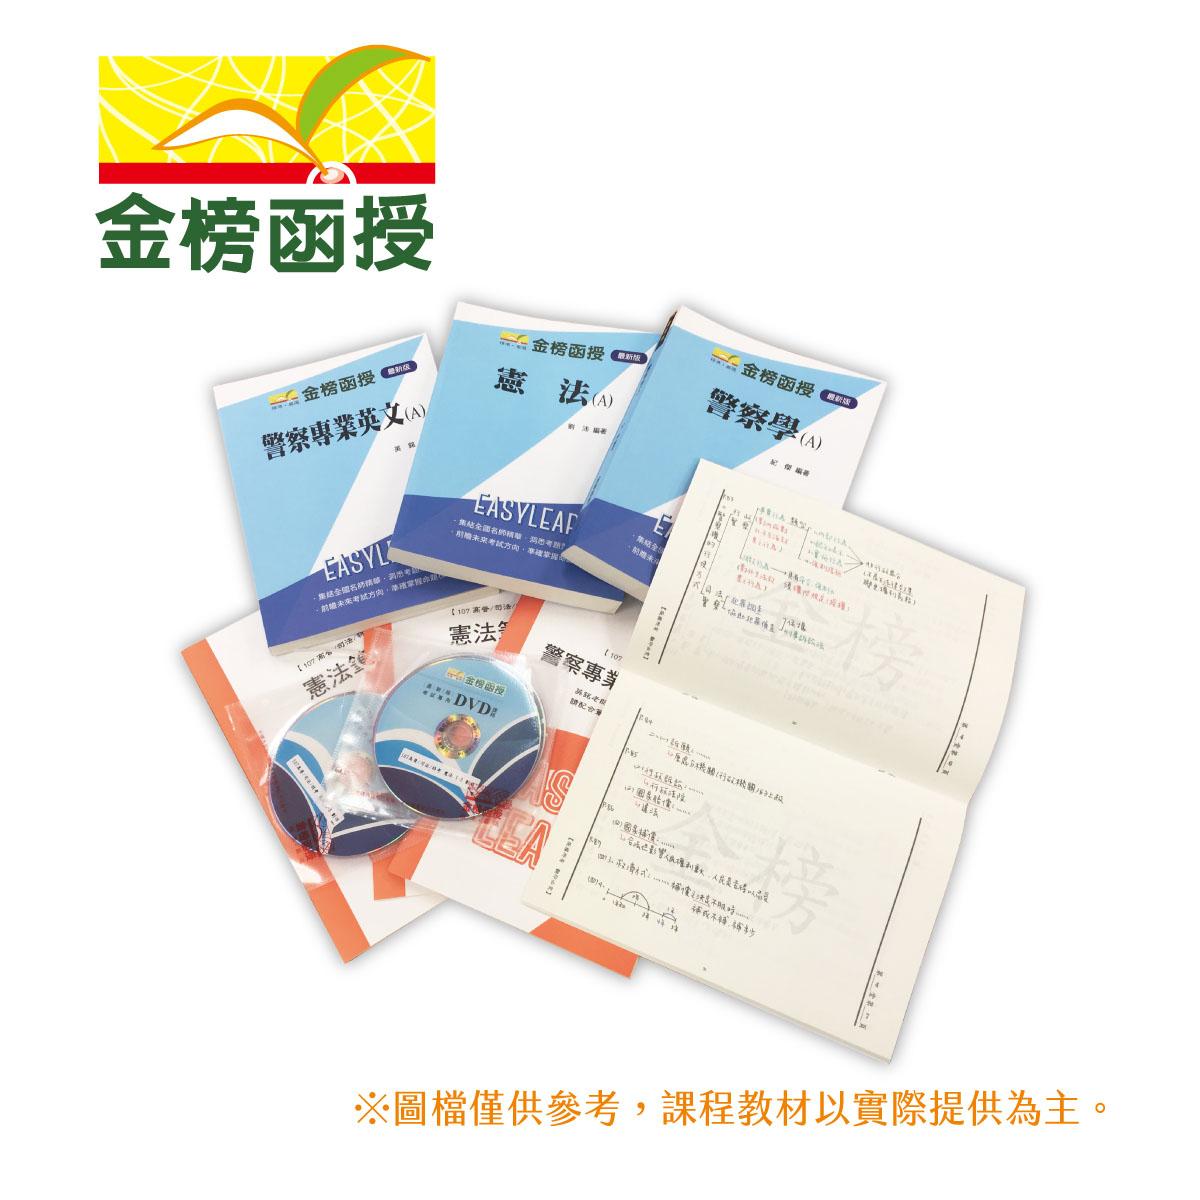 108金榜函授/初等考/全套/一般行政/MP3